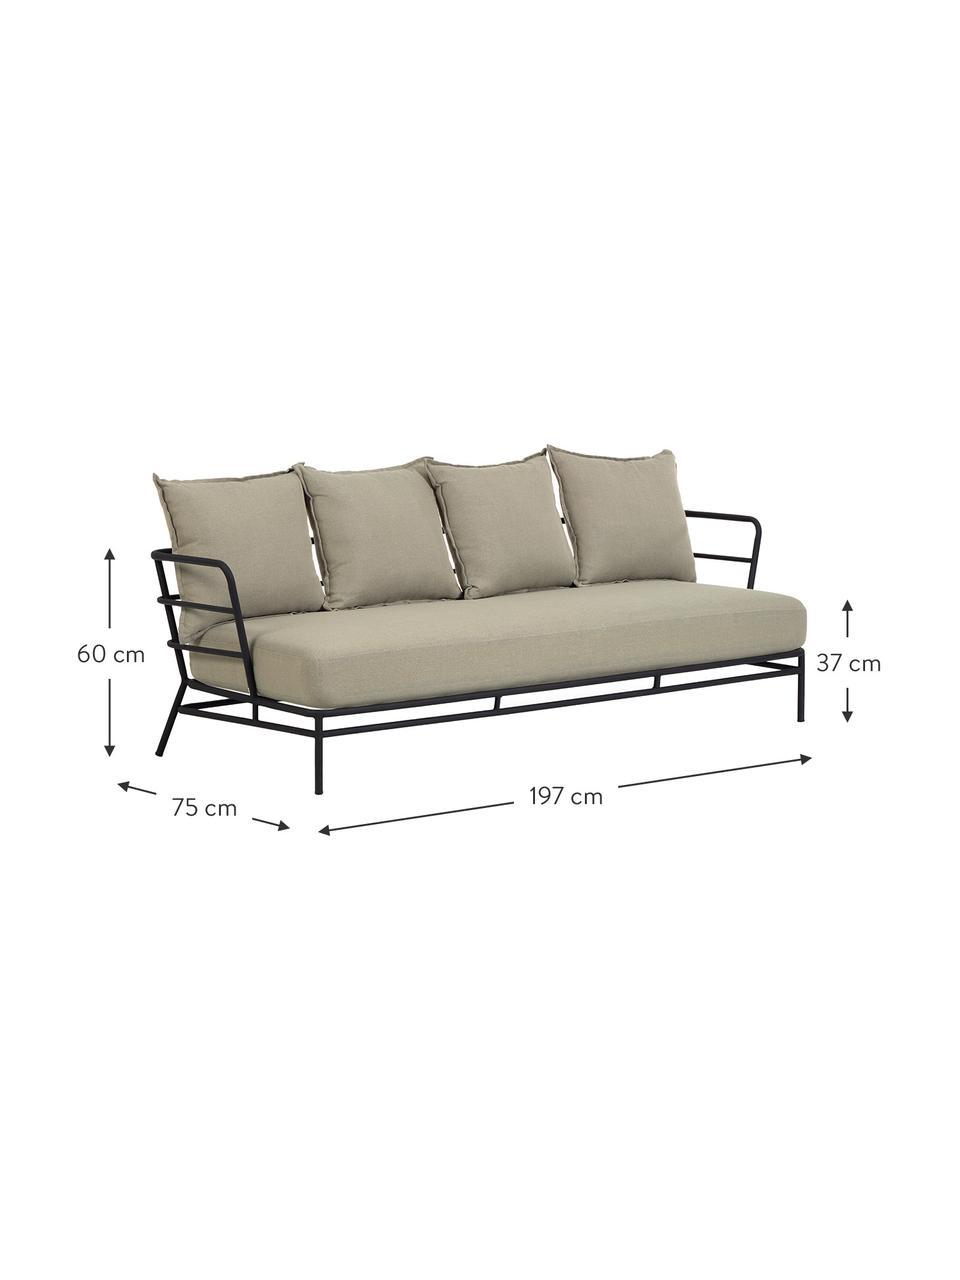 Sofa ogrodowa Mareluz (3-osobowa), Stelaż: metal ocynkowany i lakier, Beżowy, S 197 x G 75 cm